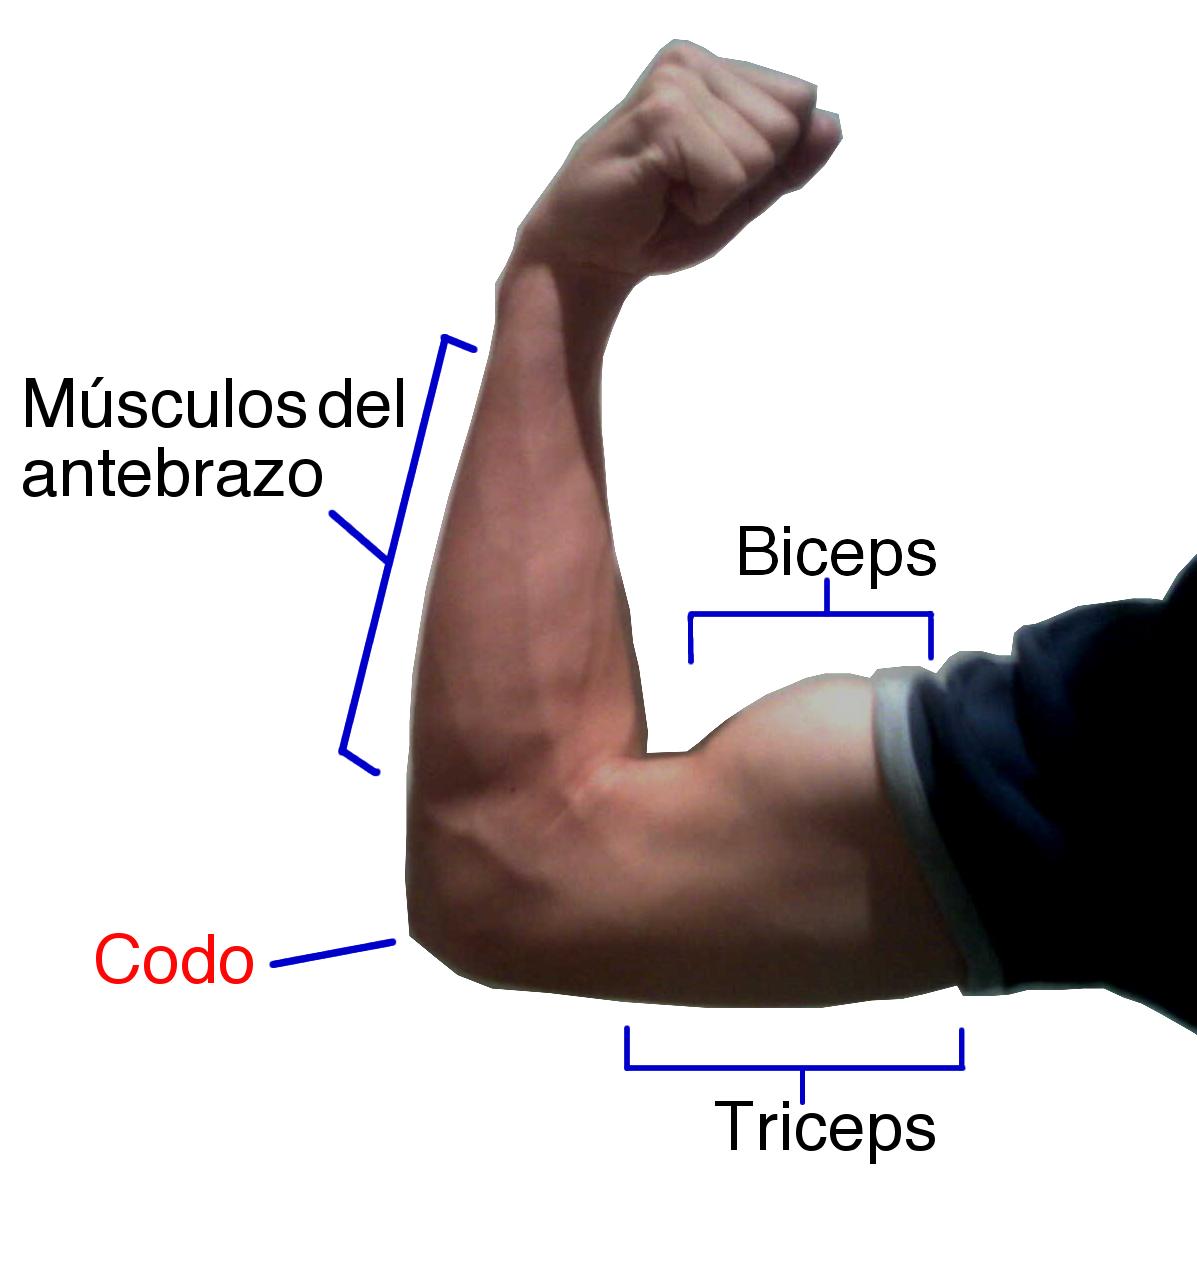 Flexión (anatomía) - Wikipedia, la enciclopedia libre